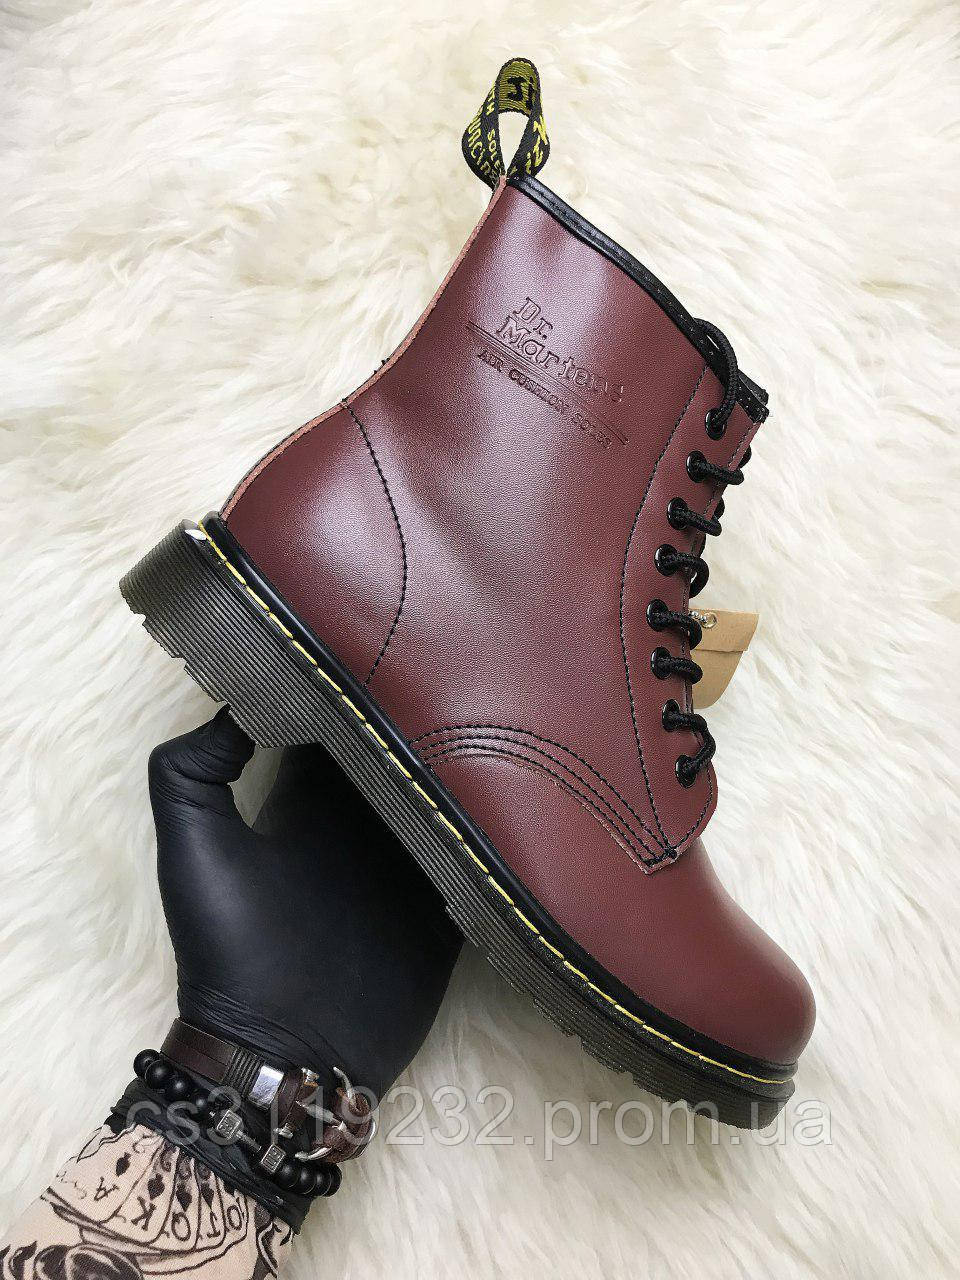 Мужские ботинки зимние Dr Martens 1460 (мех) (чери)